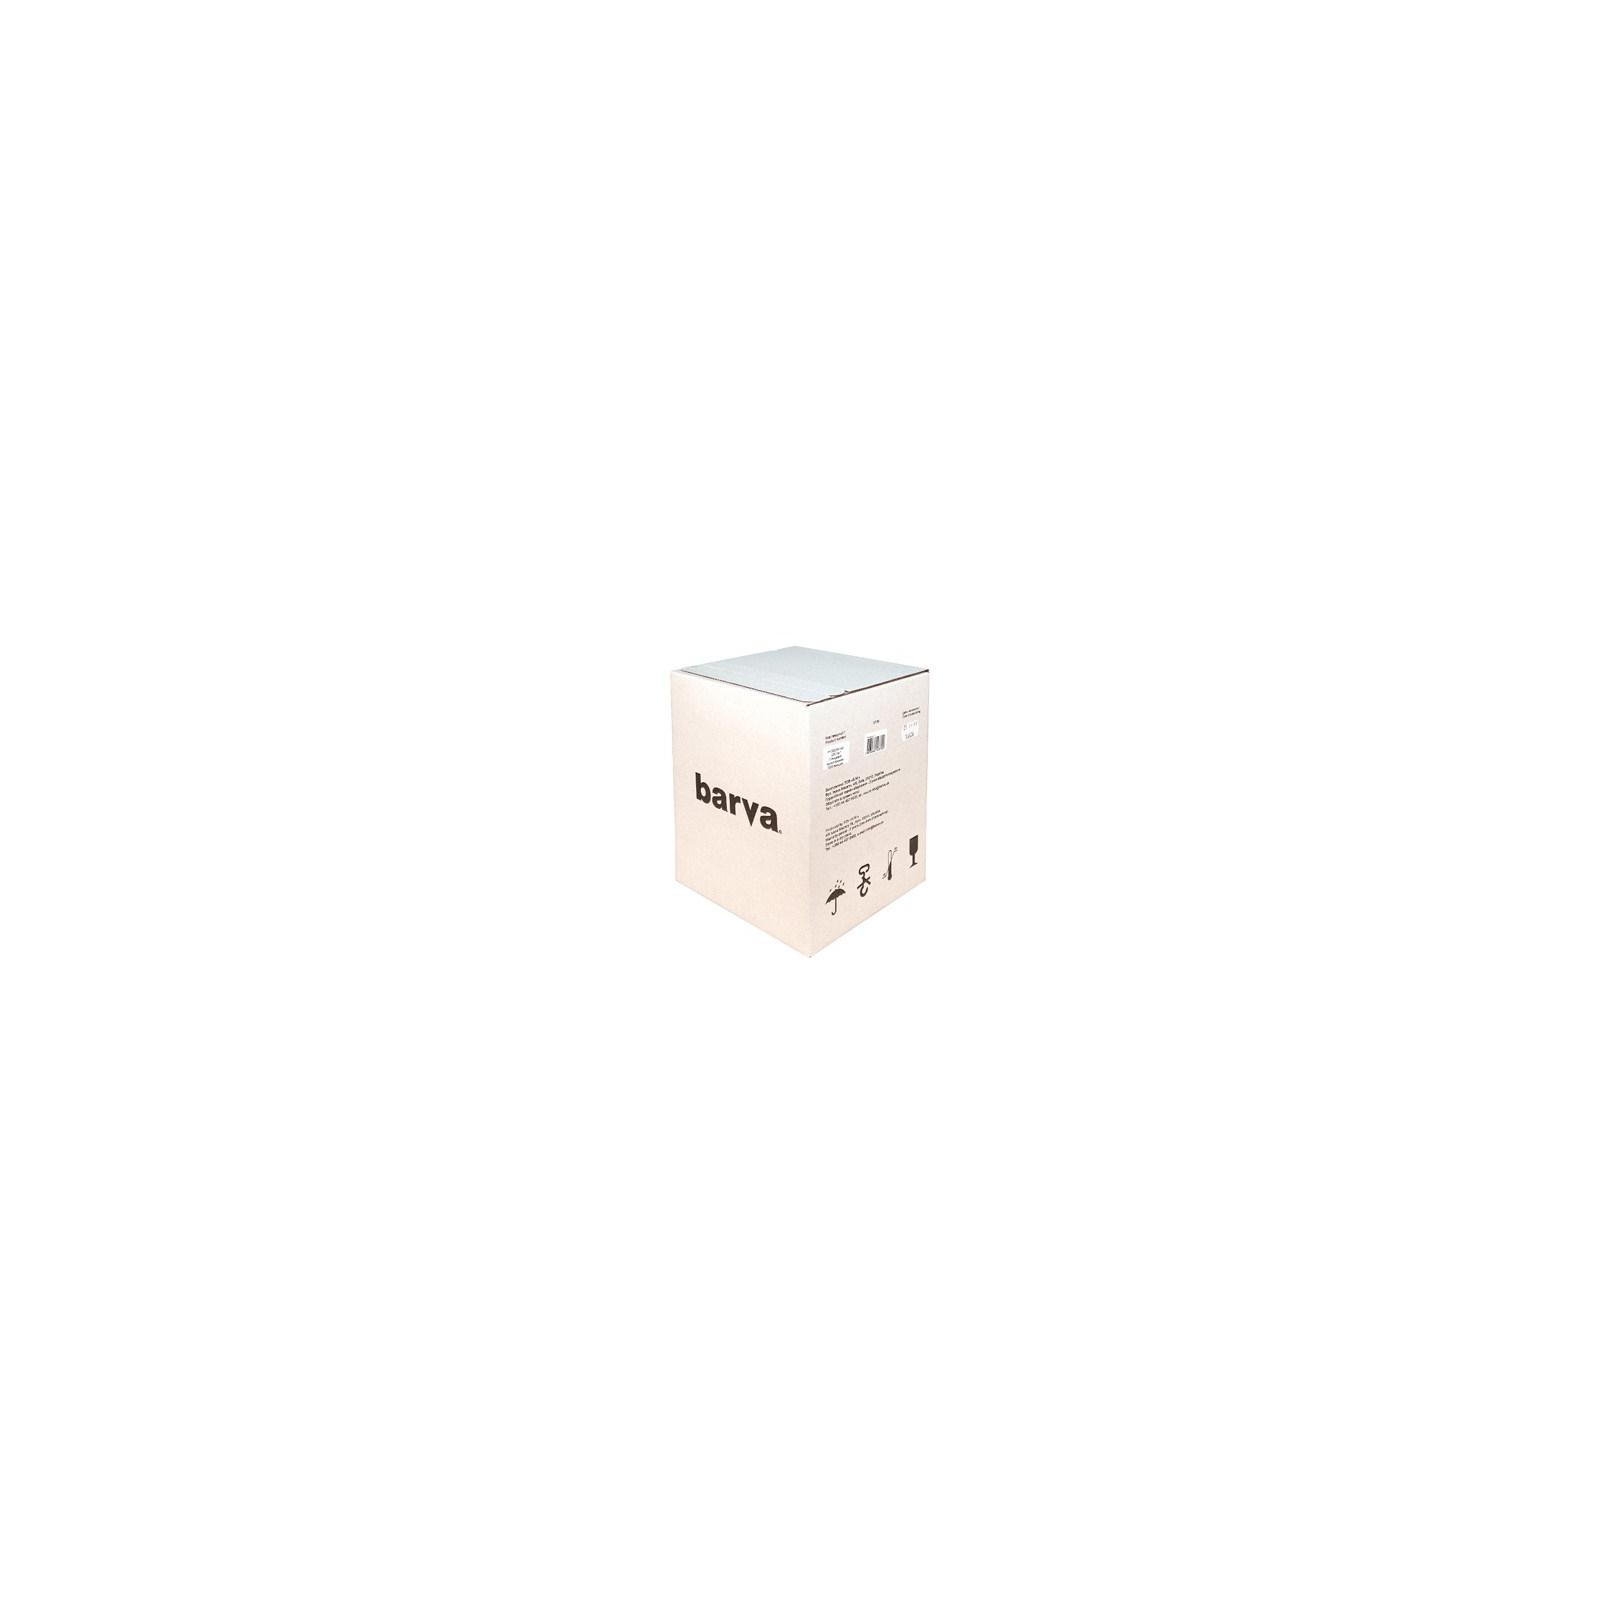 Бумага BARVA 10x15 економ (IP-BAR-CE230-143)